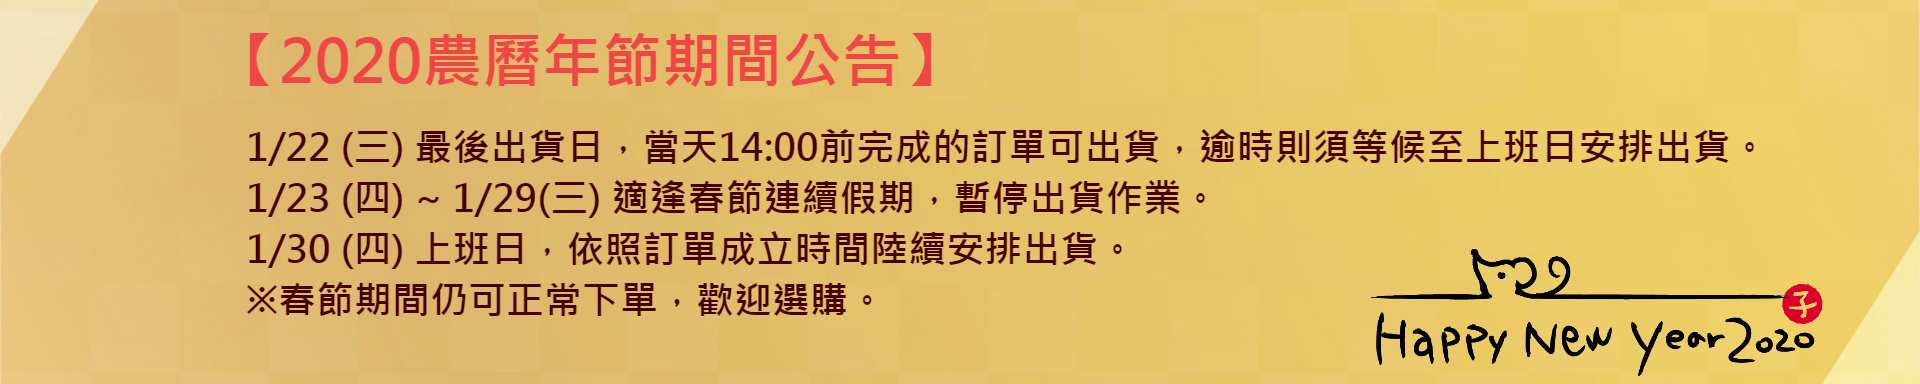 2020農曆年節出貨公告